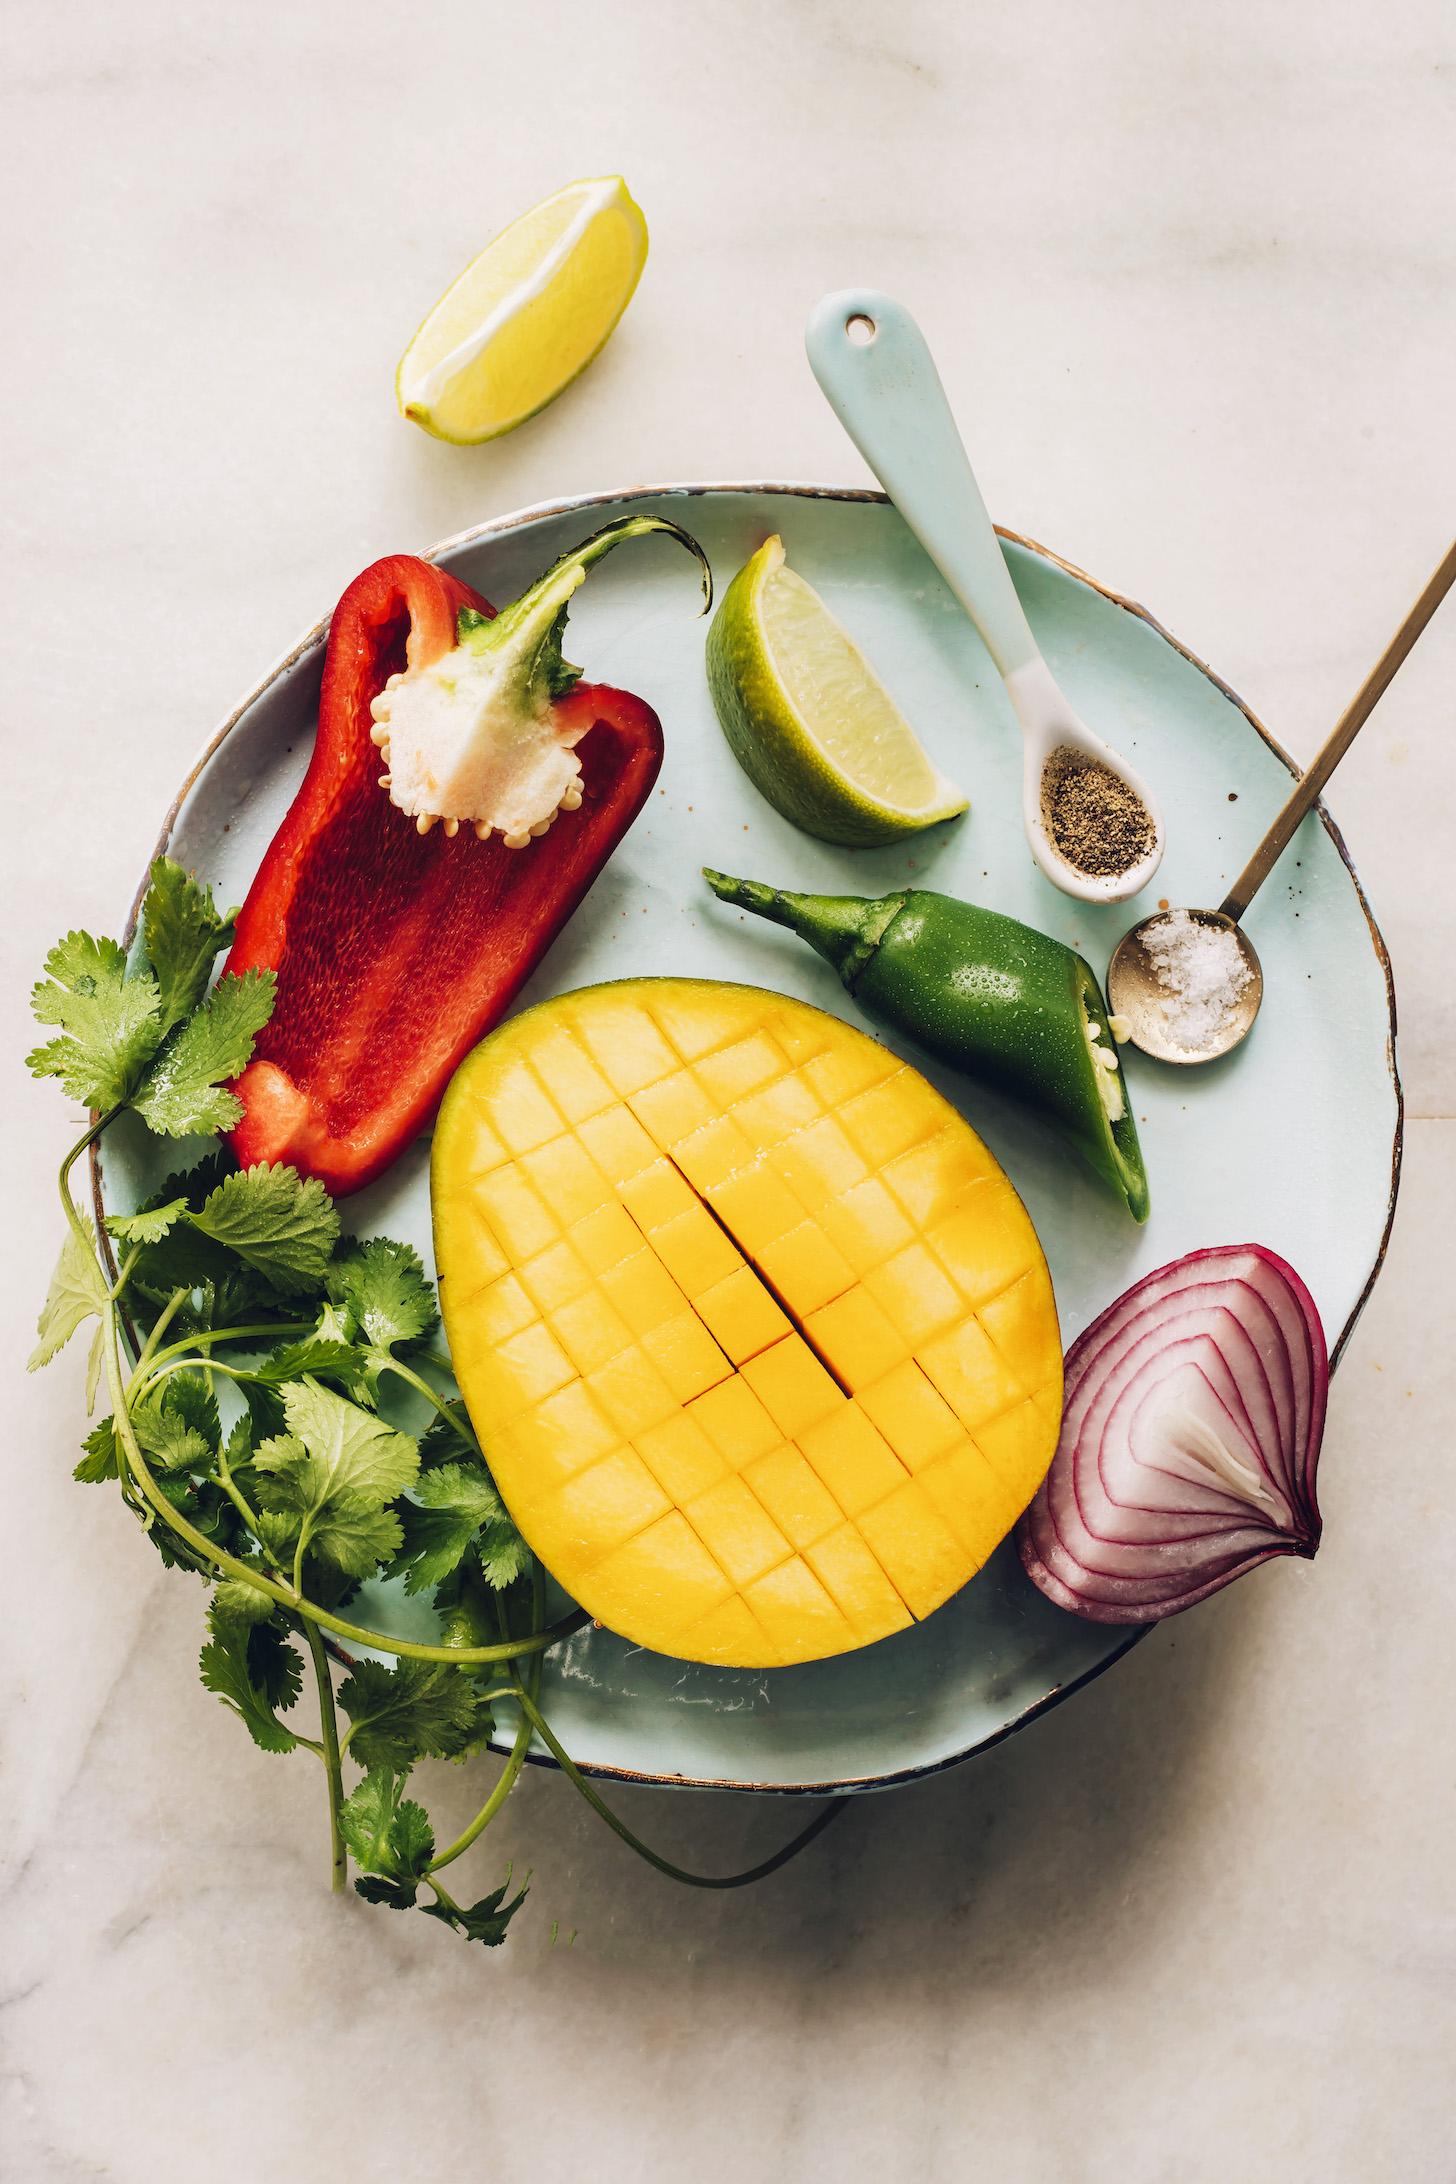 Szeletelt mangó, koriander, kaliforniai paprika, lime, jalapeño, só, bors és lilahagyma